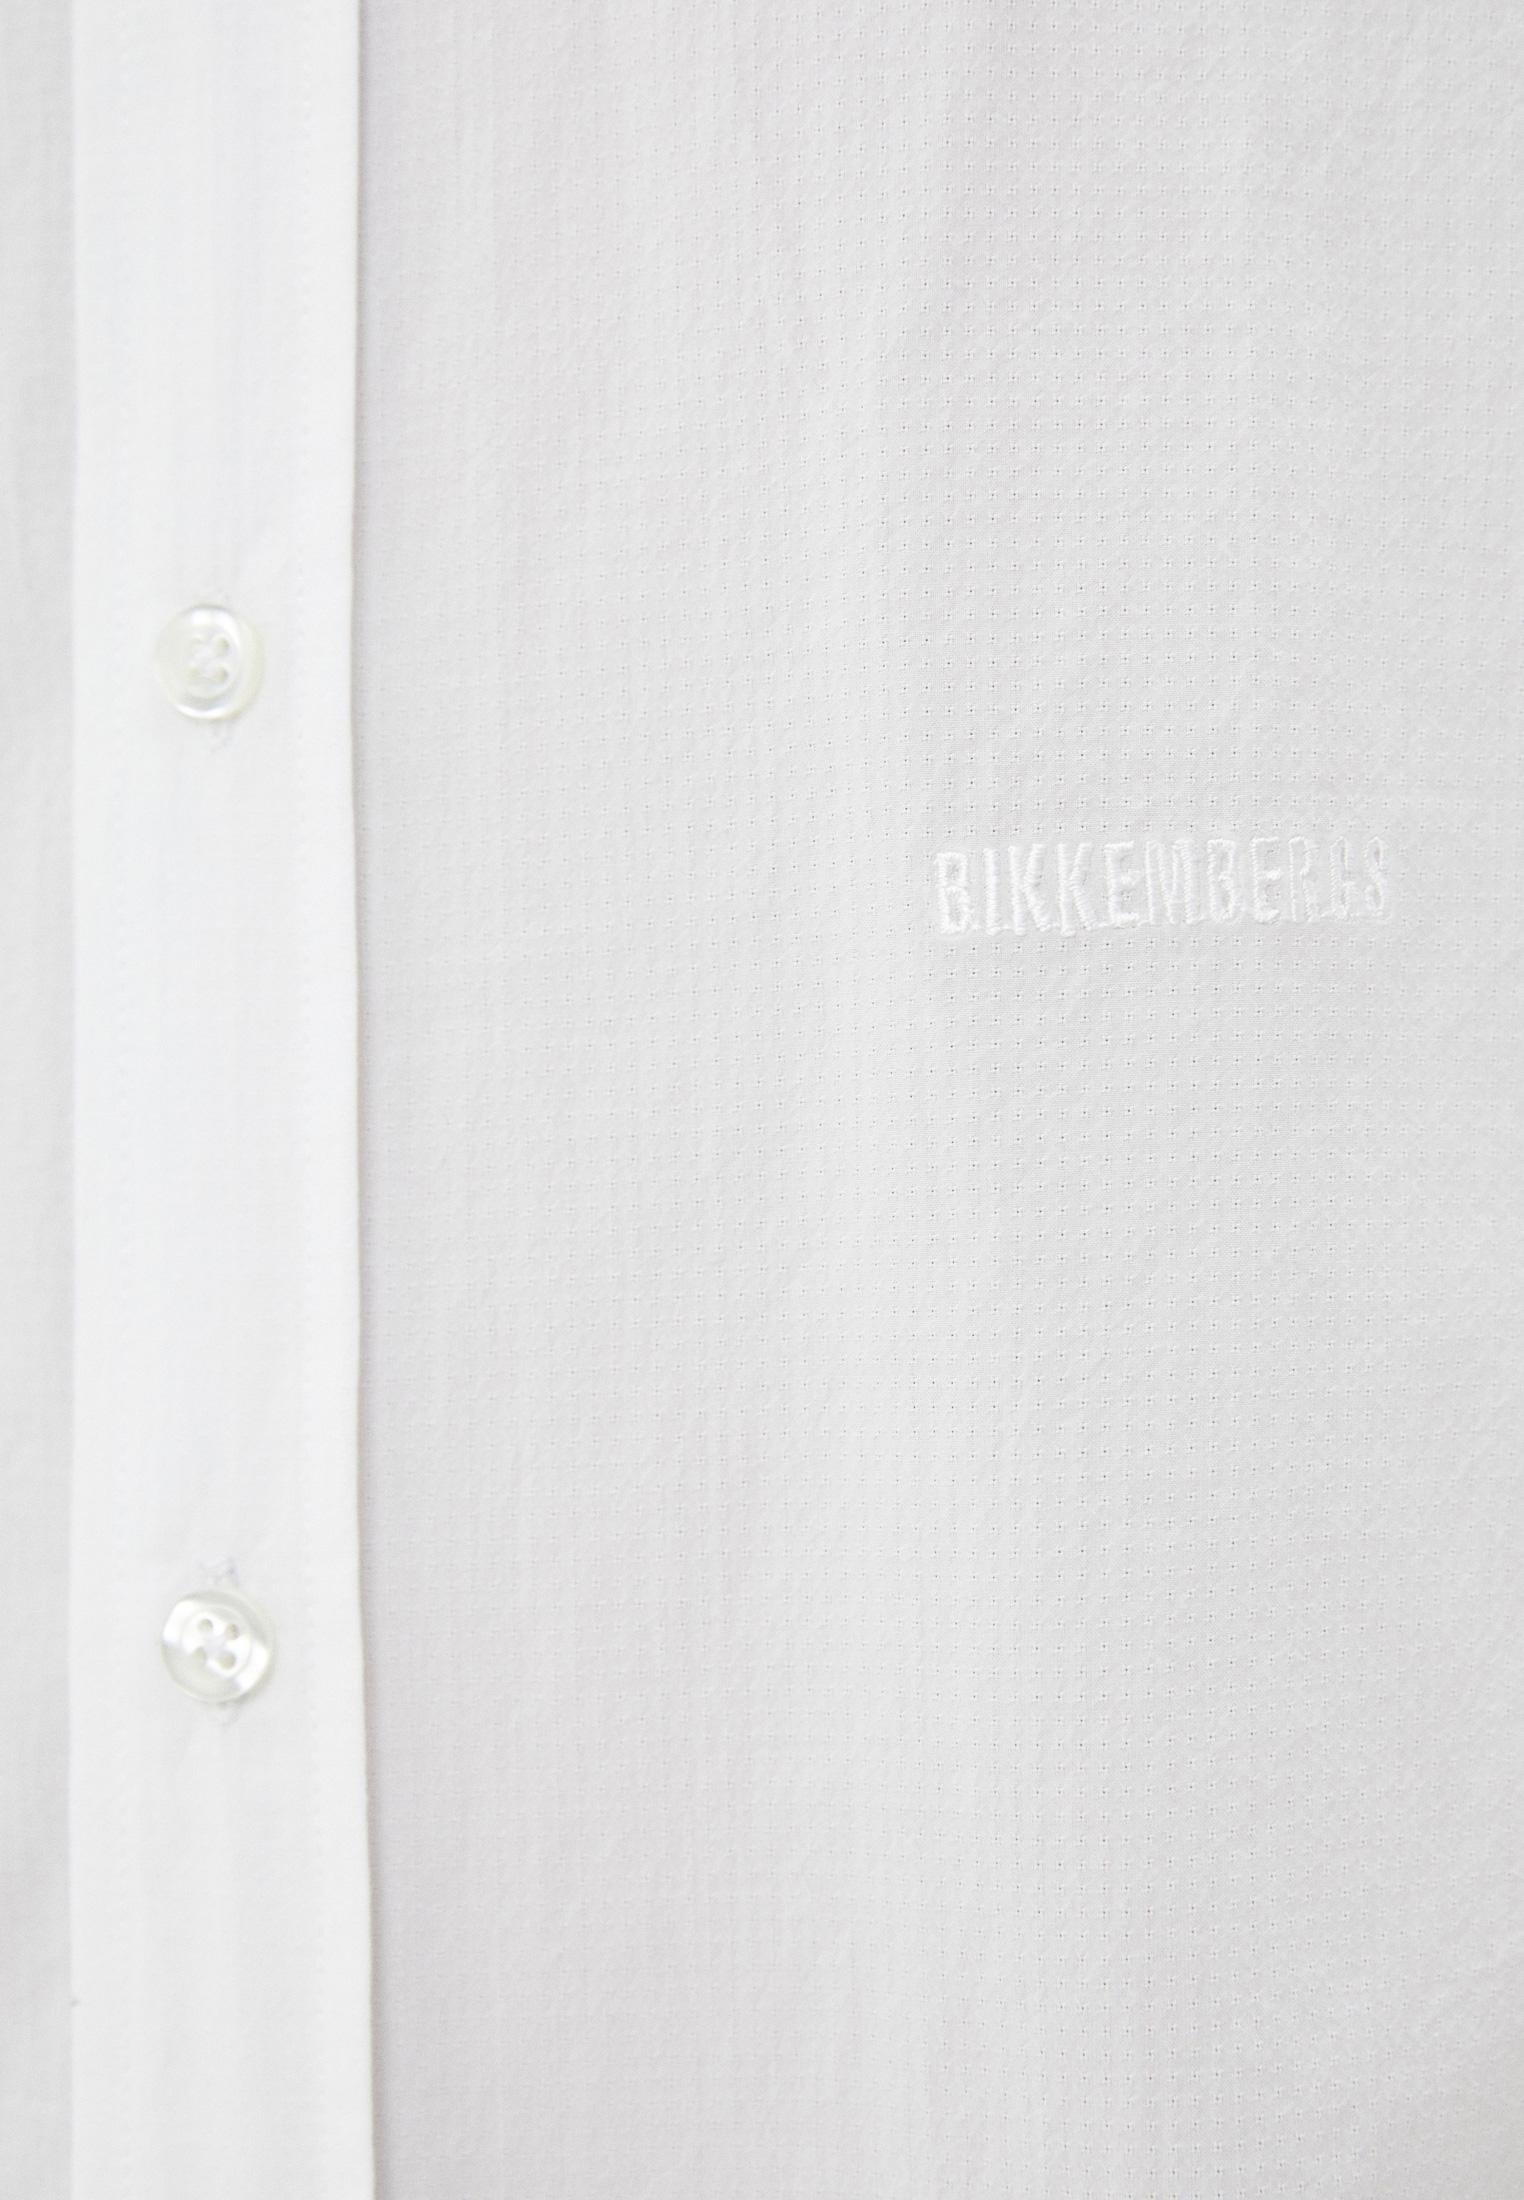 Рубашка с длинным рукавом Bikkembergs (Биккембергс) C C 014 01 T 9208: изображение 6